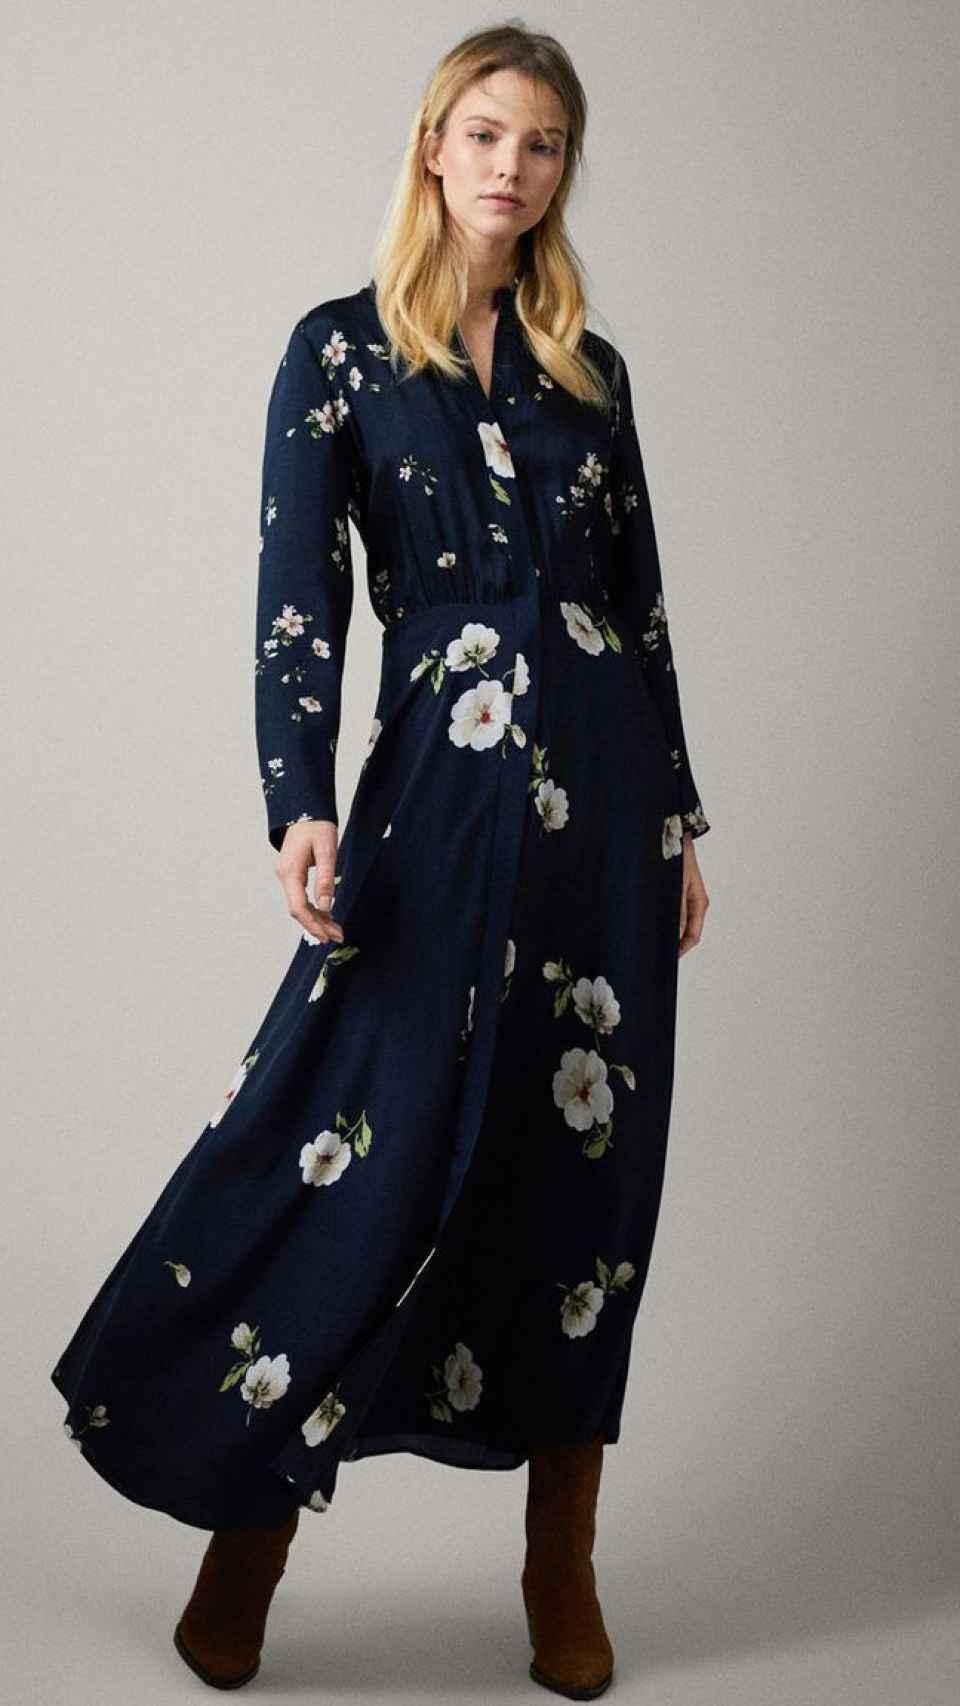 Detalle del vestido de Massimo Dutti que ha lucido la Reina.